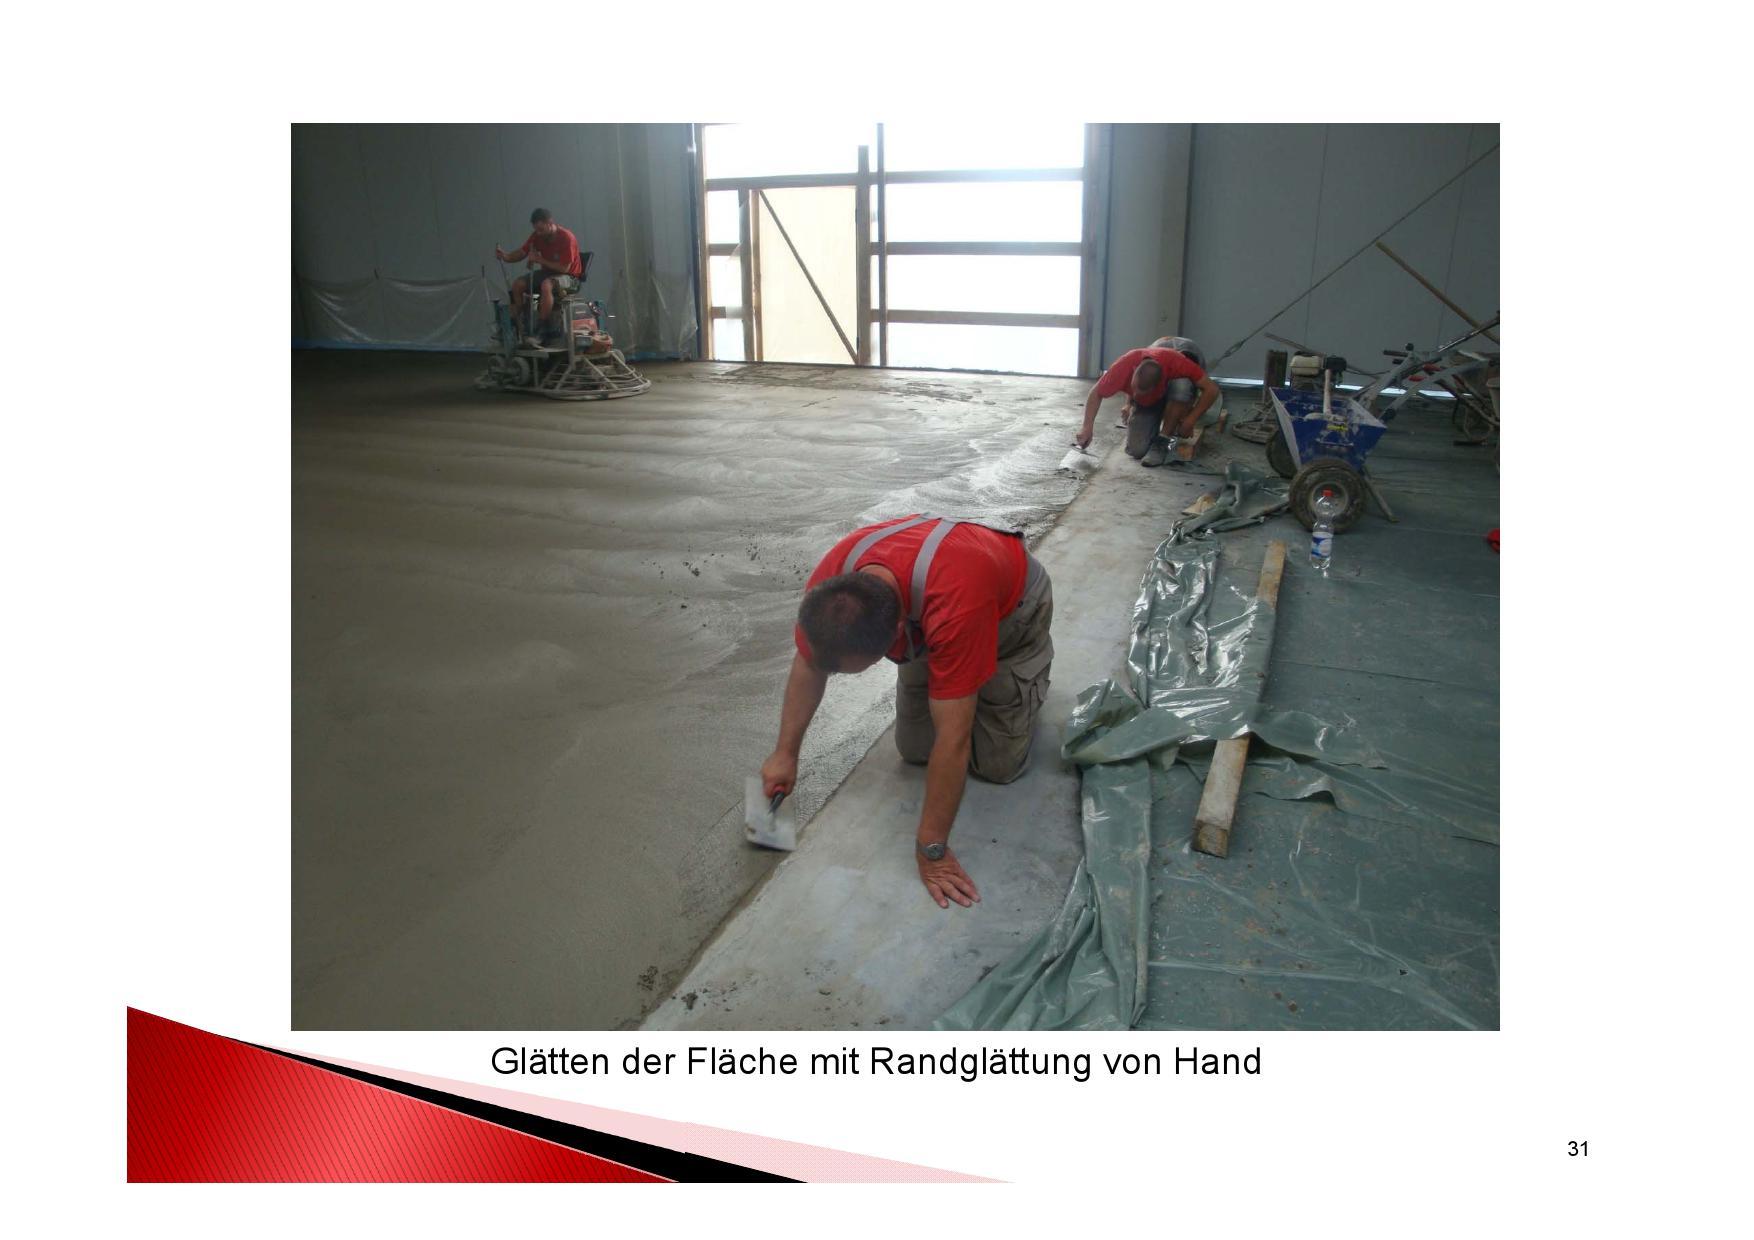 Industrieboden Herstellung: Betonboden in einer Industriehalle mit Flügelglätter glätten Fläche mit Randglättung von Hand